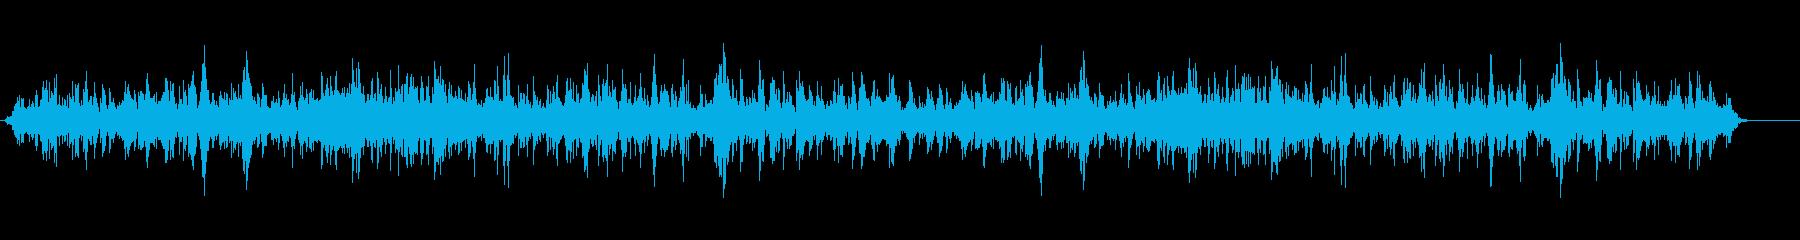 ドローンコンスタントロードローン、...の再生済みの波形